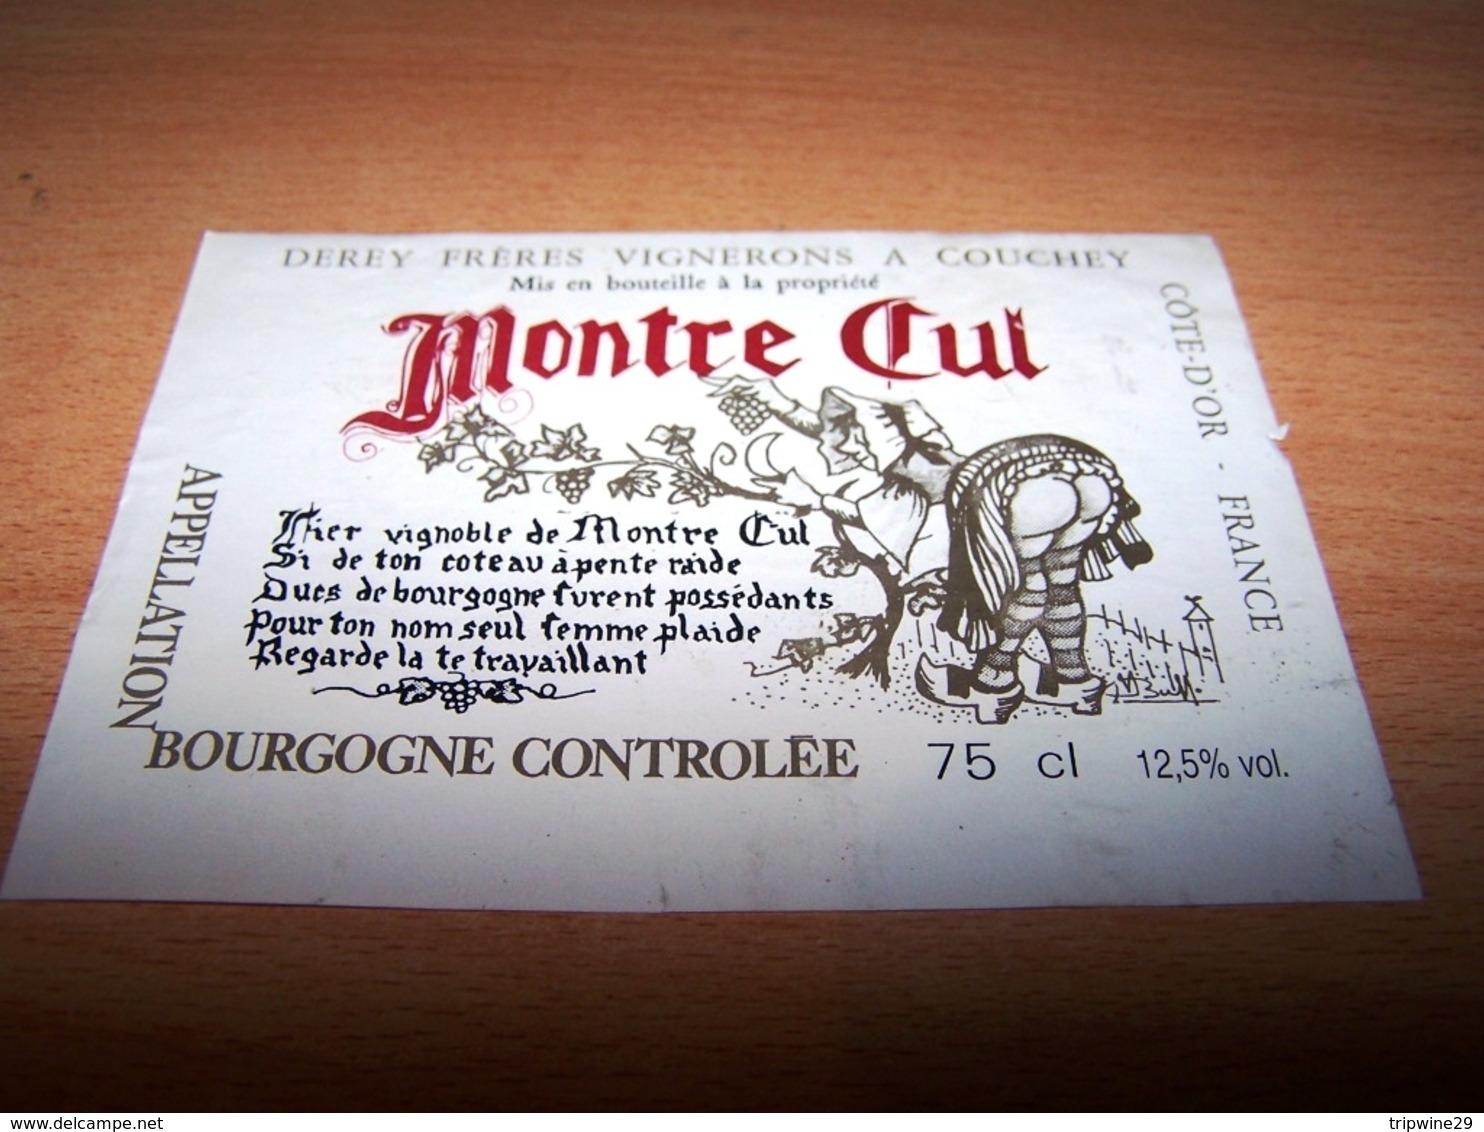 Etiquette Vin Wine Label Erotique Sexy Sexe Coeur Femme Nu Sein Humour Bourgogne Montre Cul Derey Couchey - Érotique